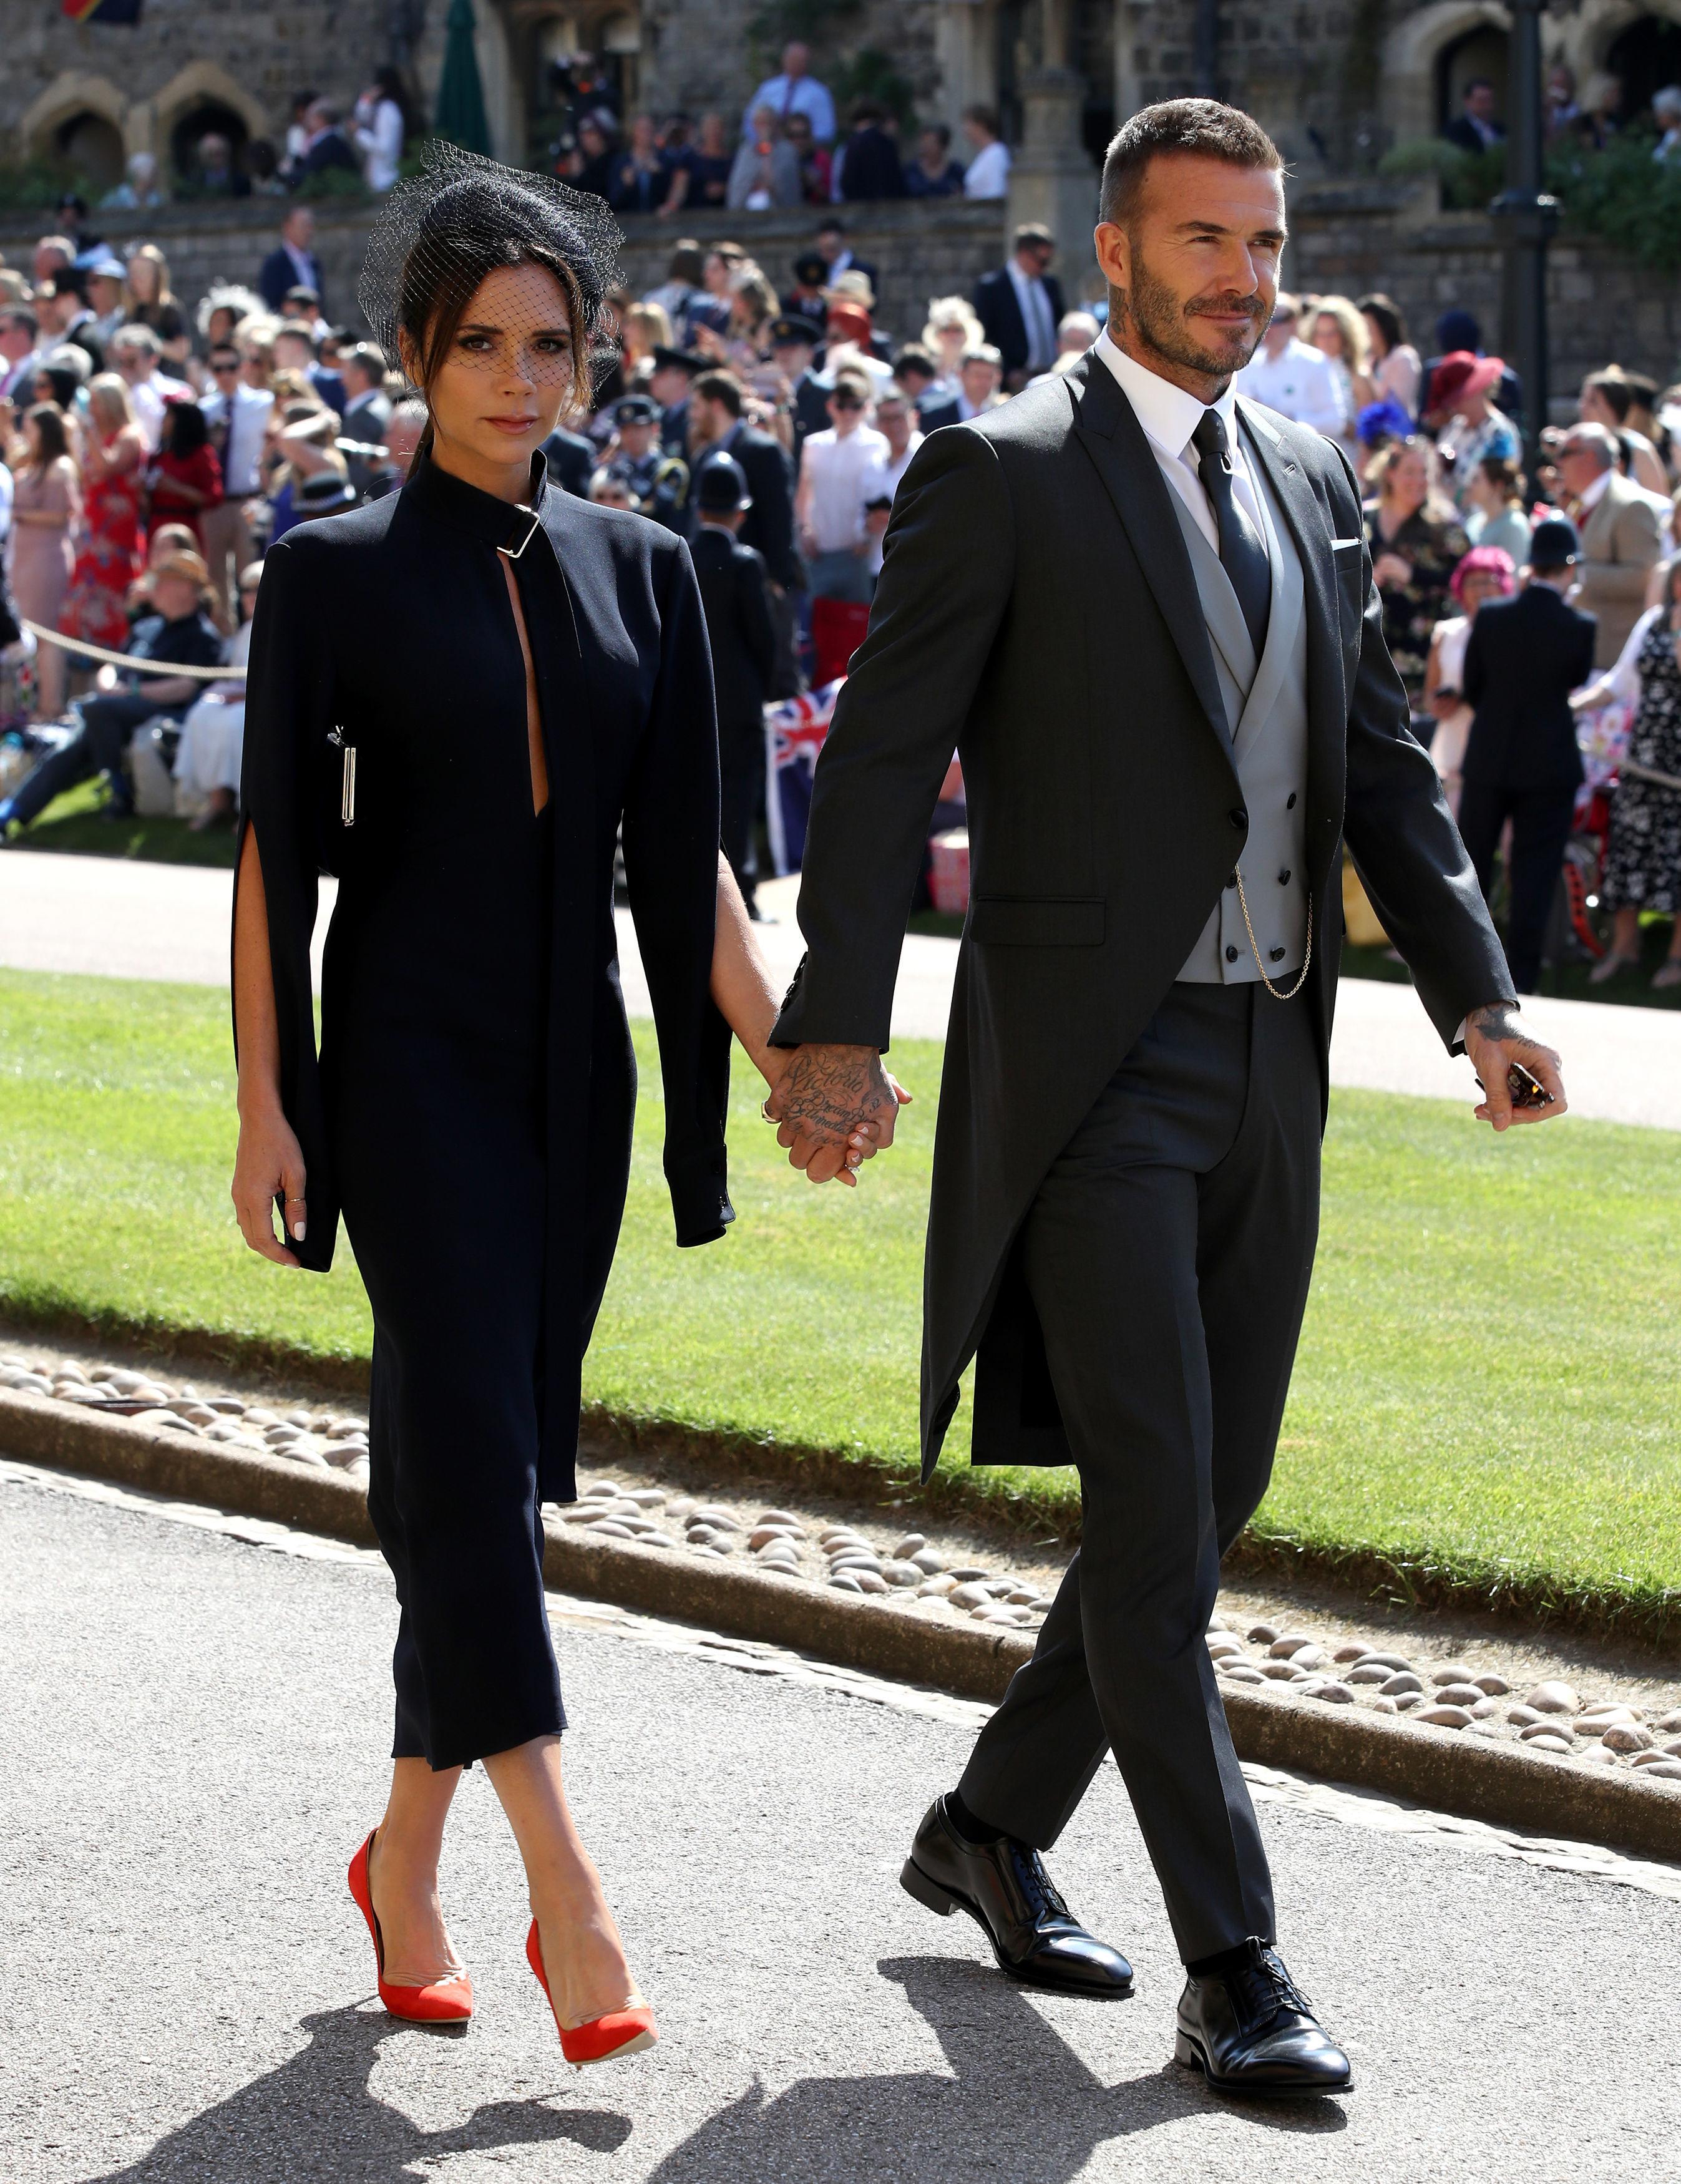 Royal Wedding 2018 Guests.Royal Wedding Priyanka Chopra Elton John More Guests Share Well